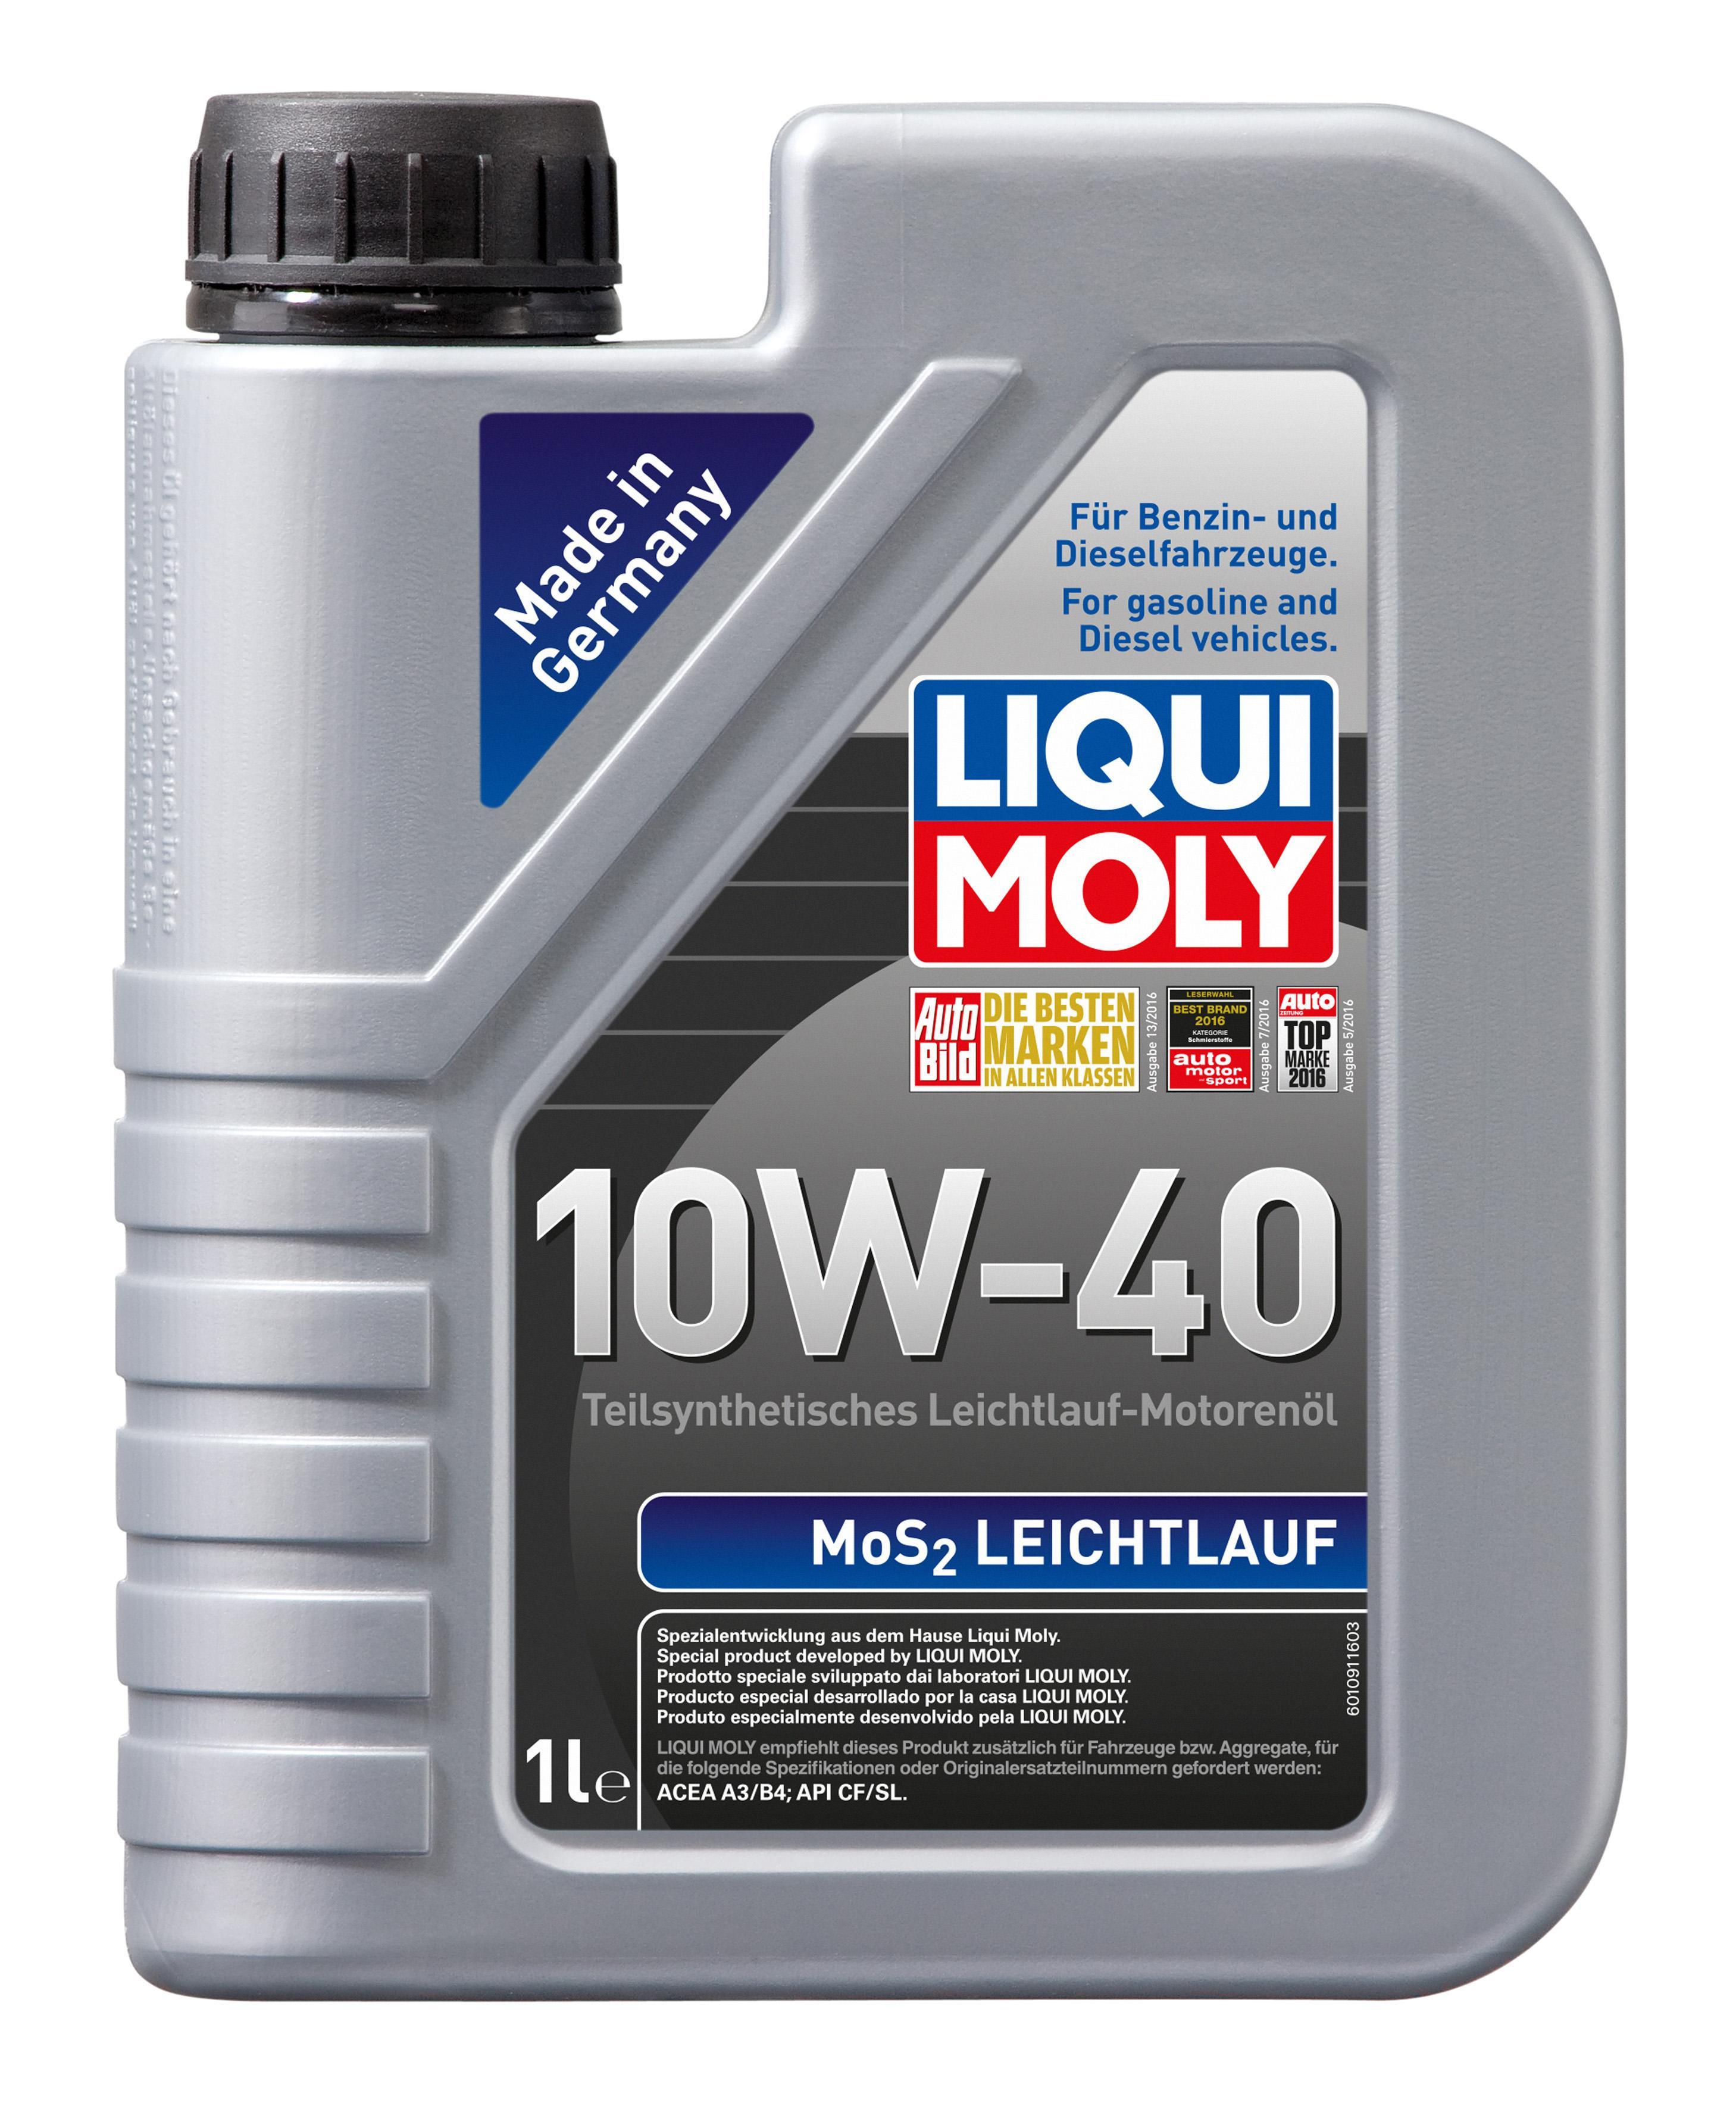 Achetez Huile moteur LIQUI MOLY 1091 () à un rapport qualité-prix exceptionnel